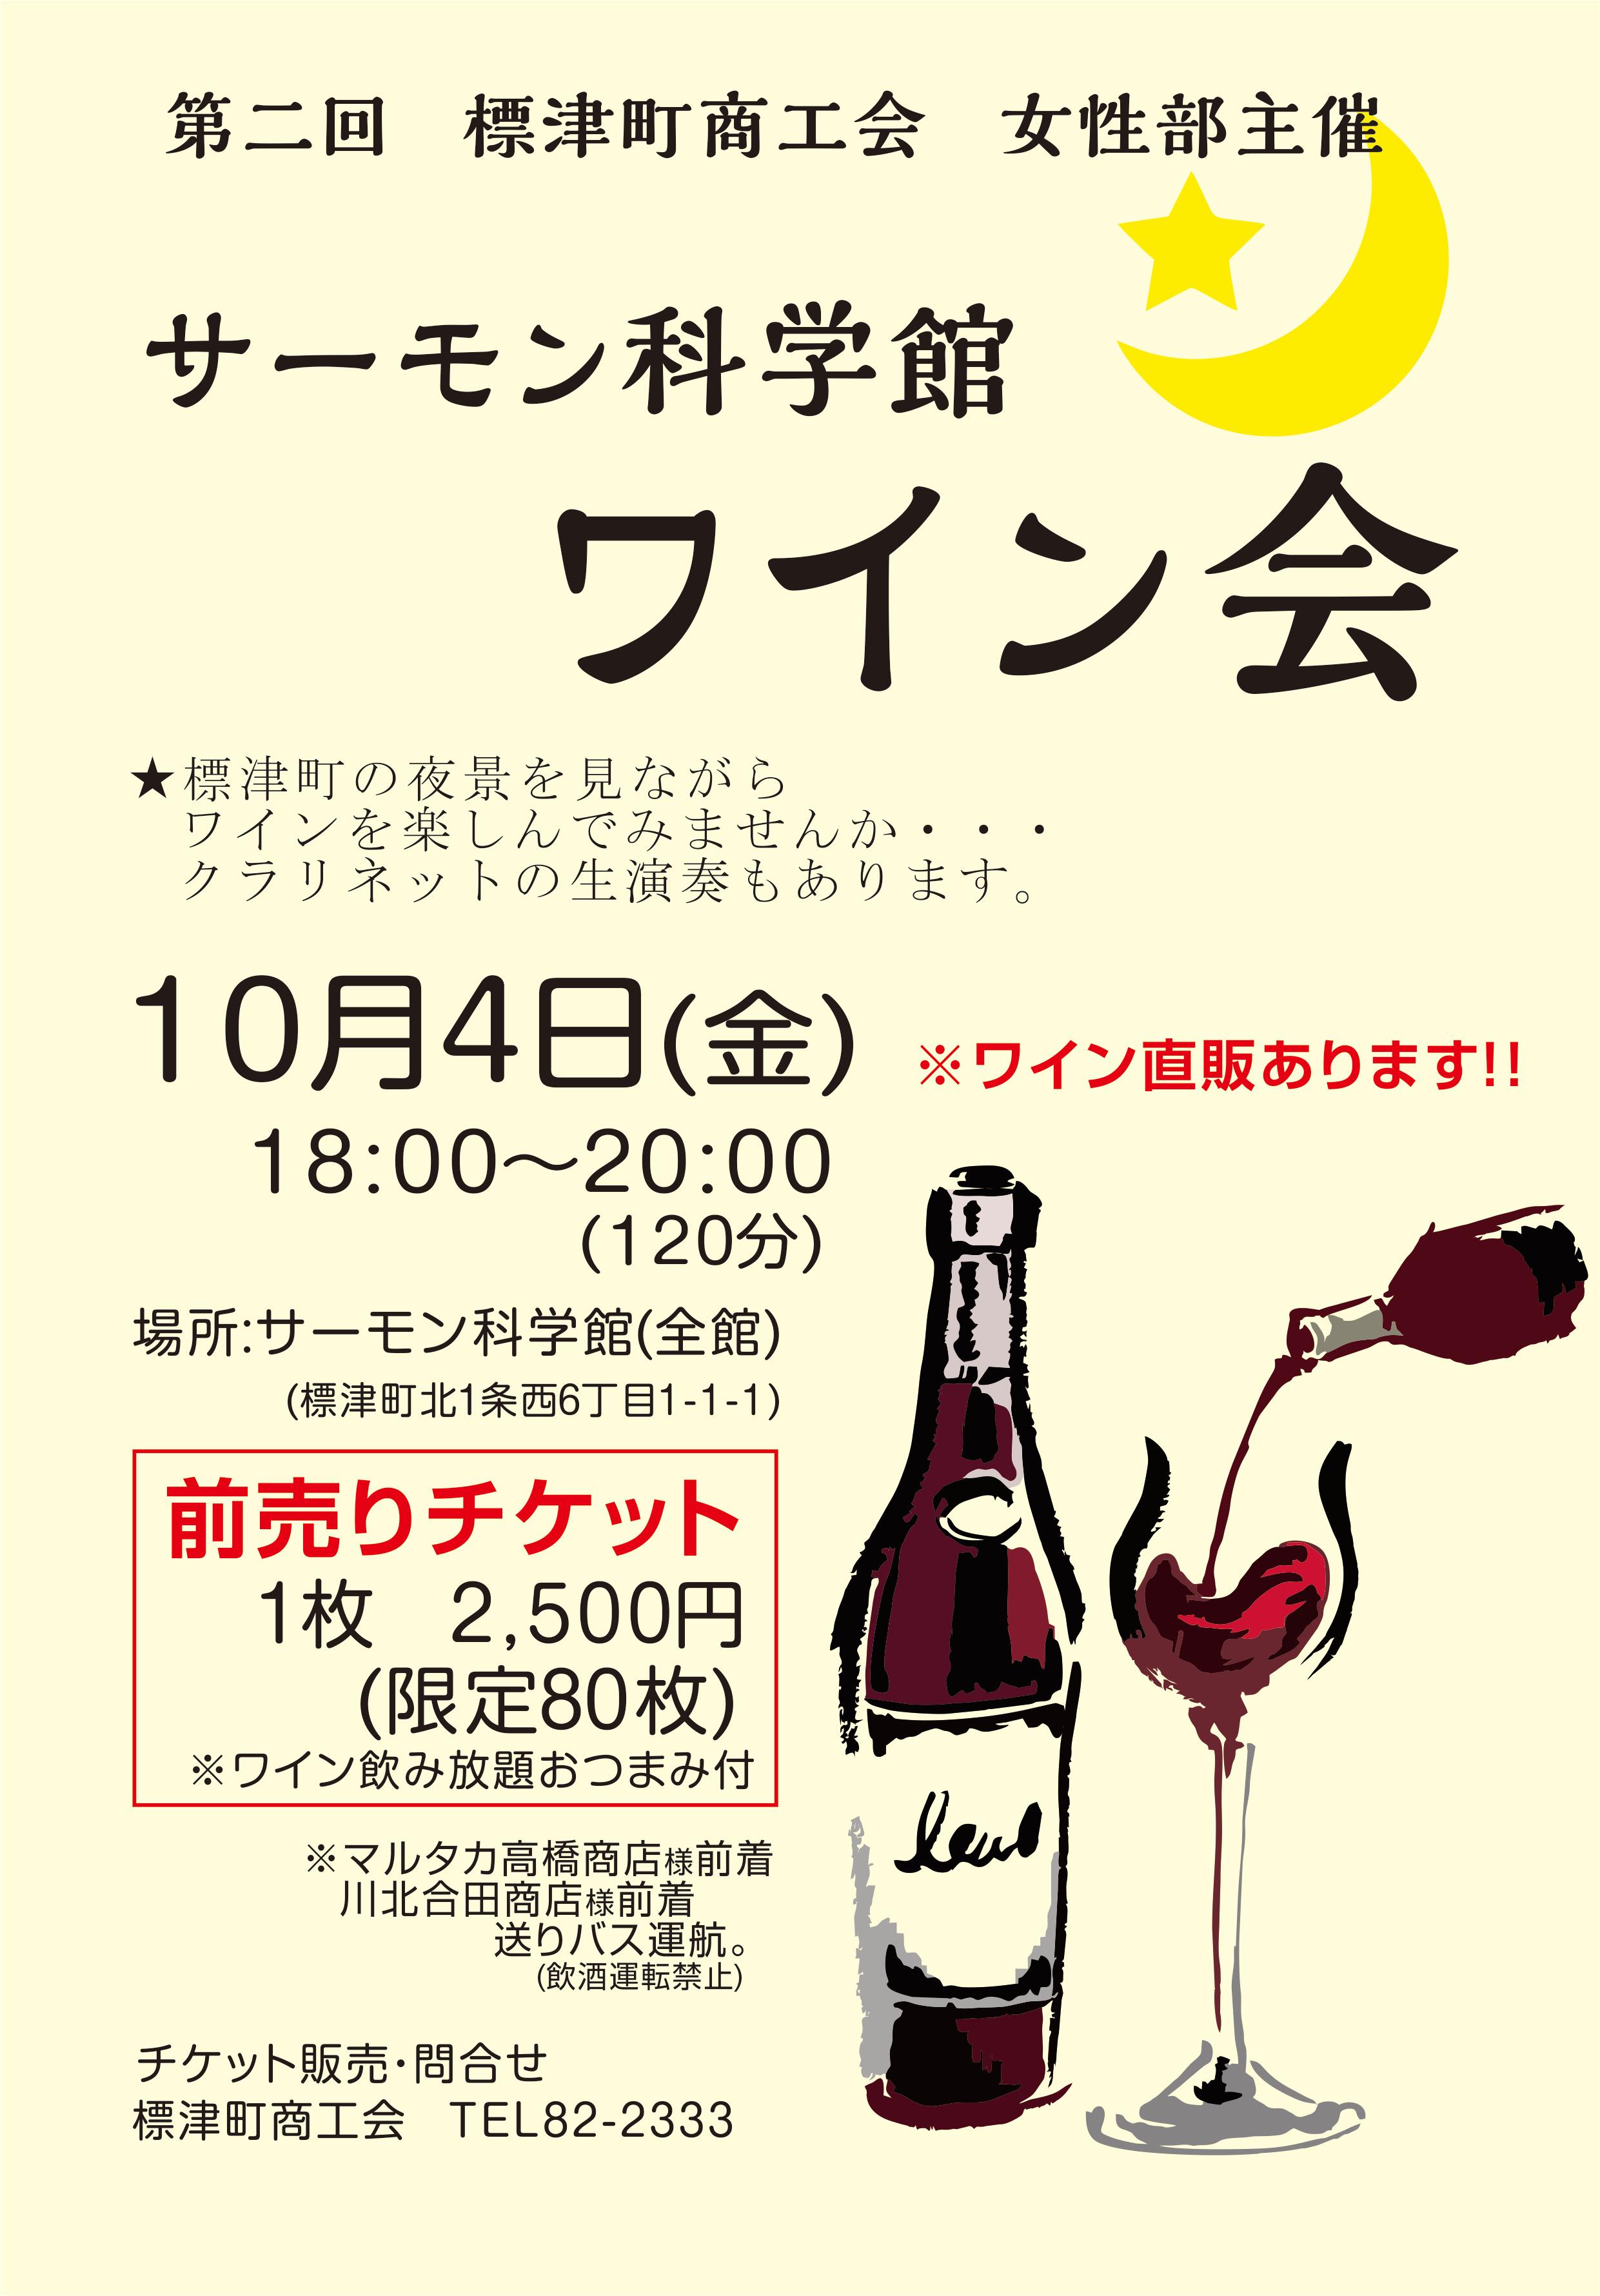 第二回ワイン会